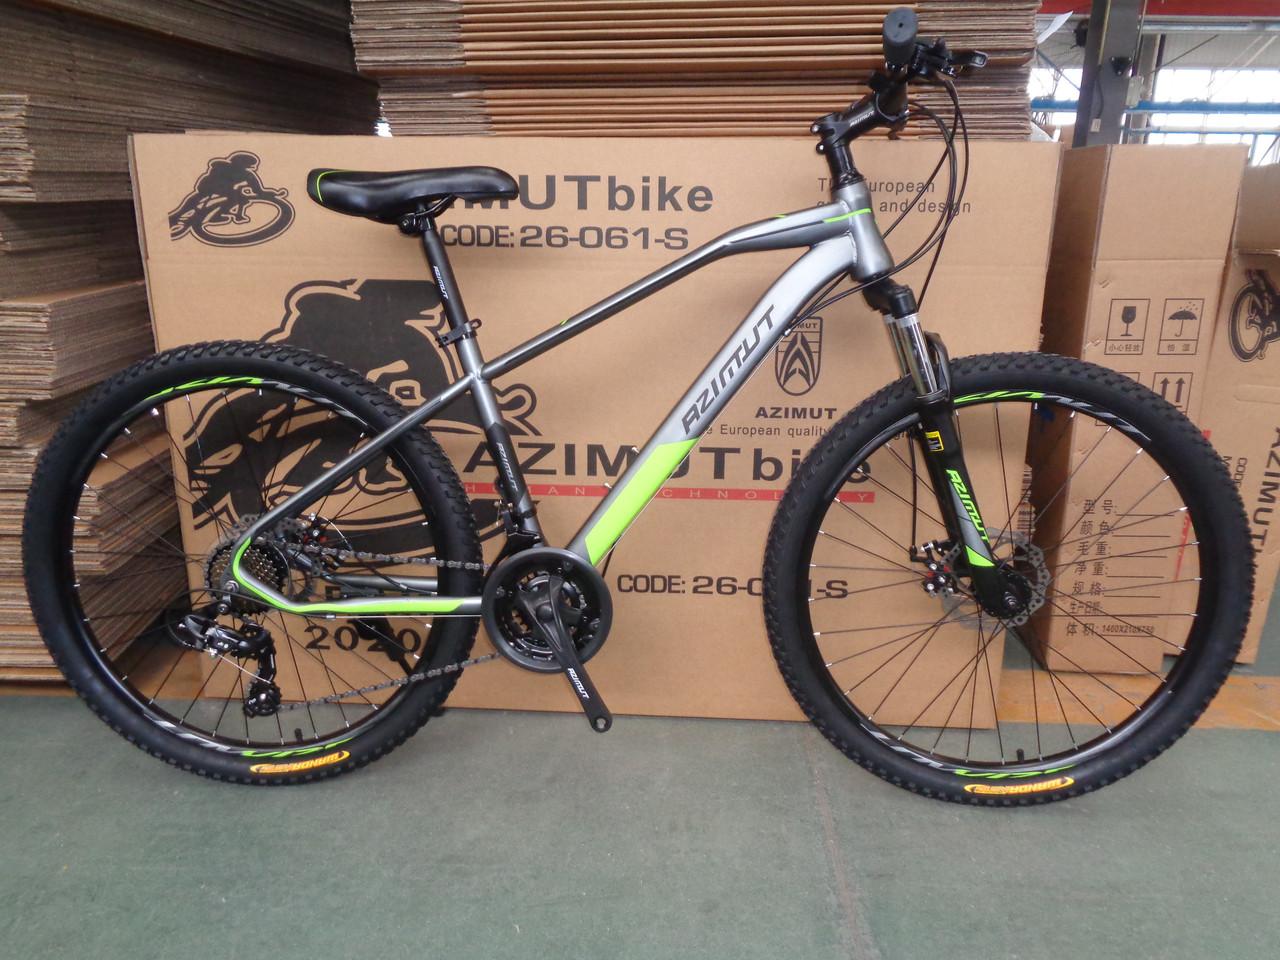 Спортивный горный велосипед 29 дюймов Azimut Gemini D 17 рама серо-зеленый